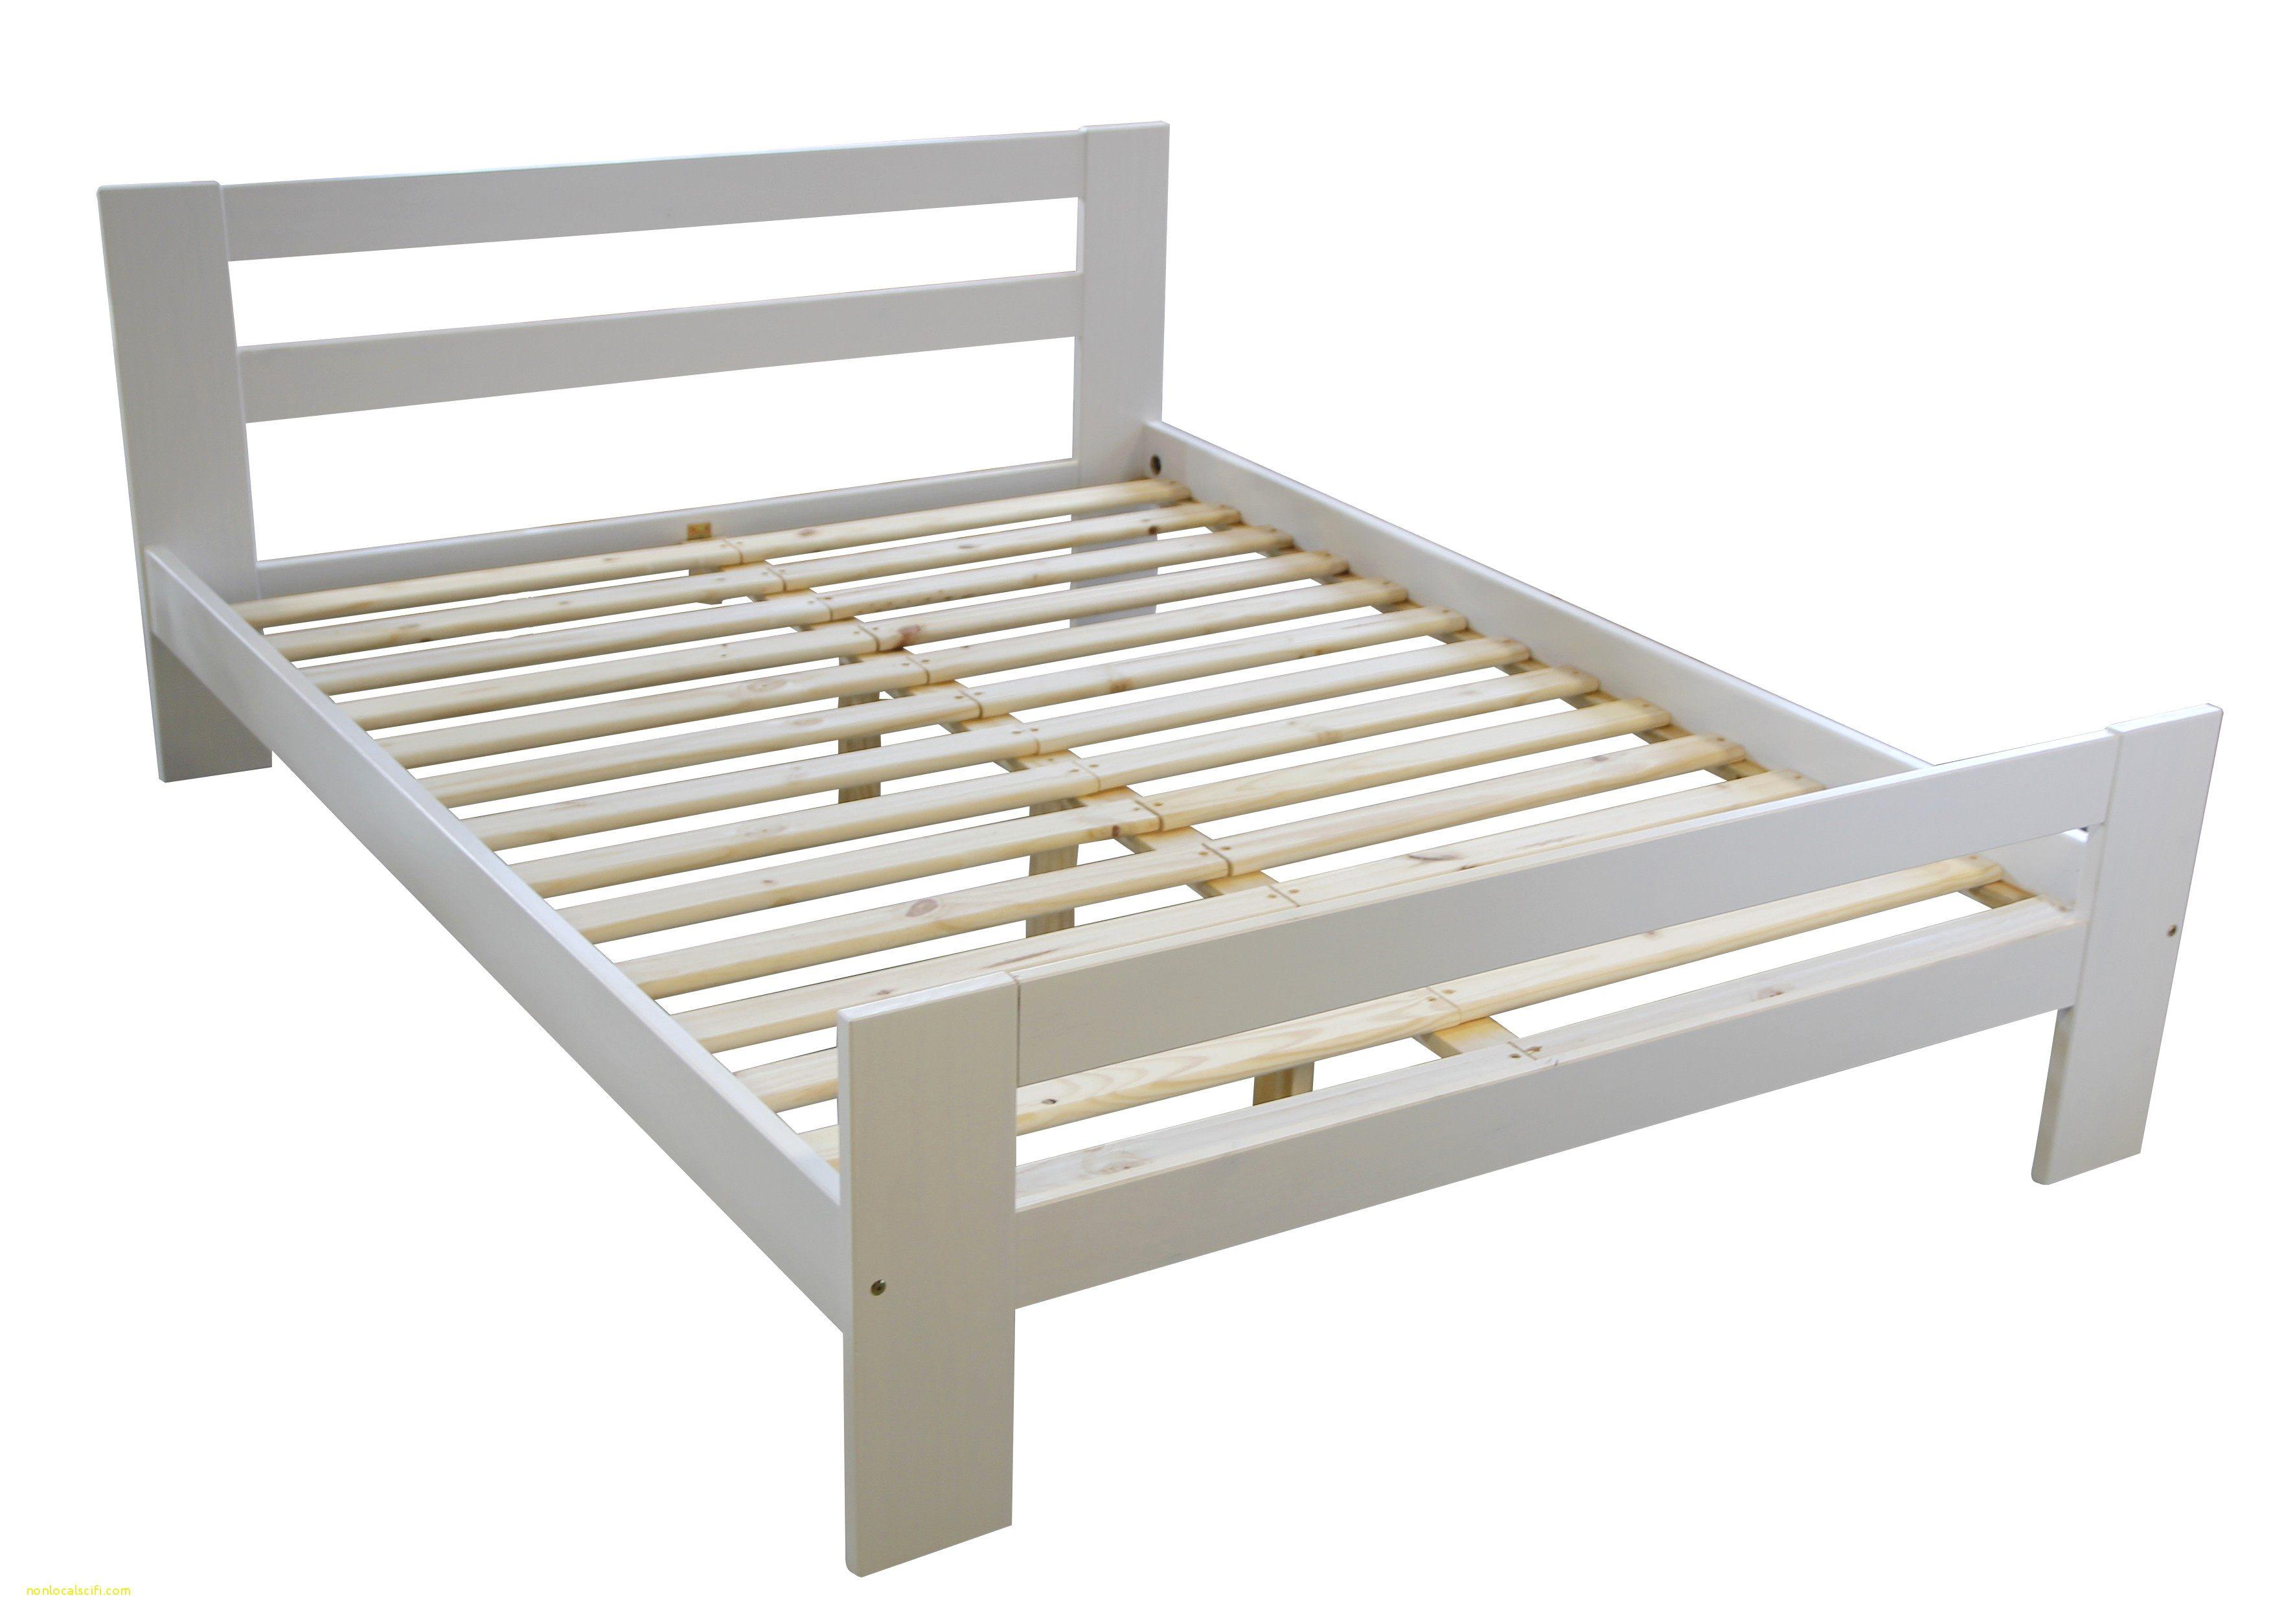 Lit Matelas Pas Cher Le Luxe Résultat Supérieur Matelas sommier Unique sommier Ikea 160—200 Best